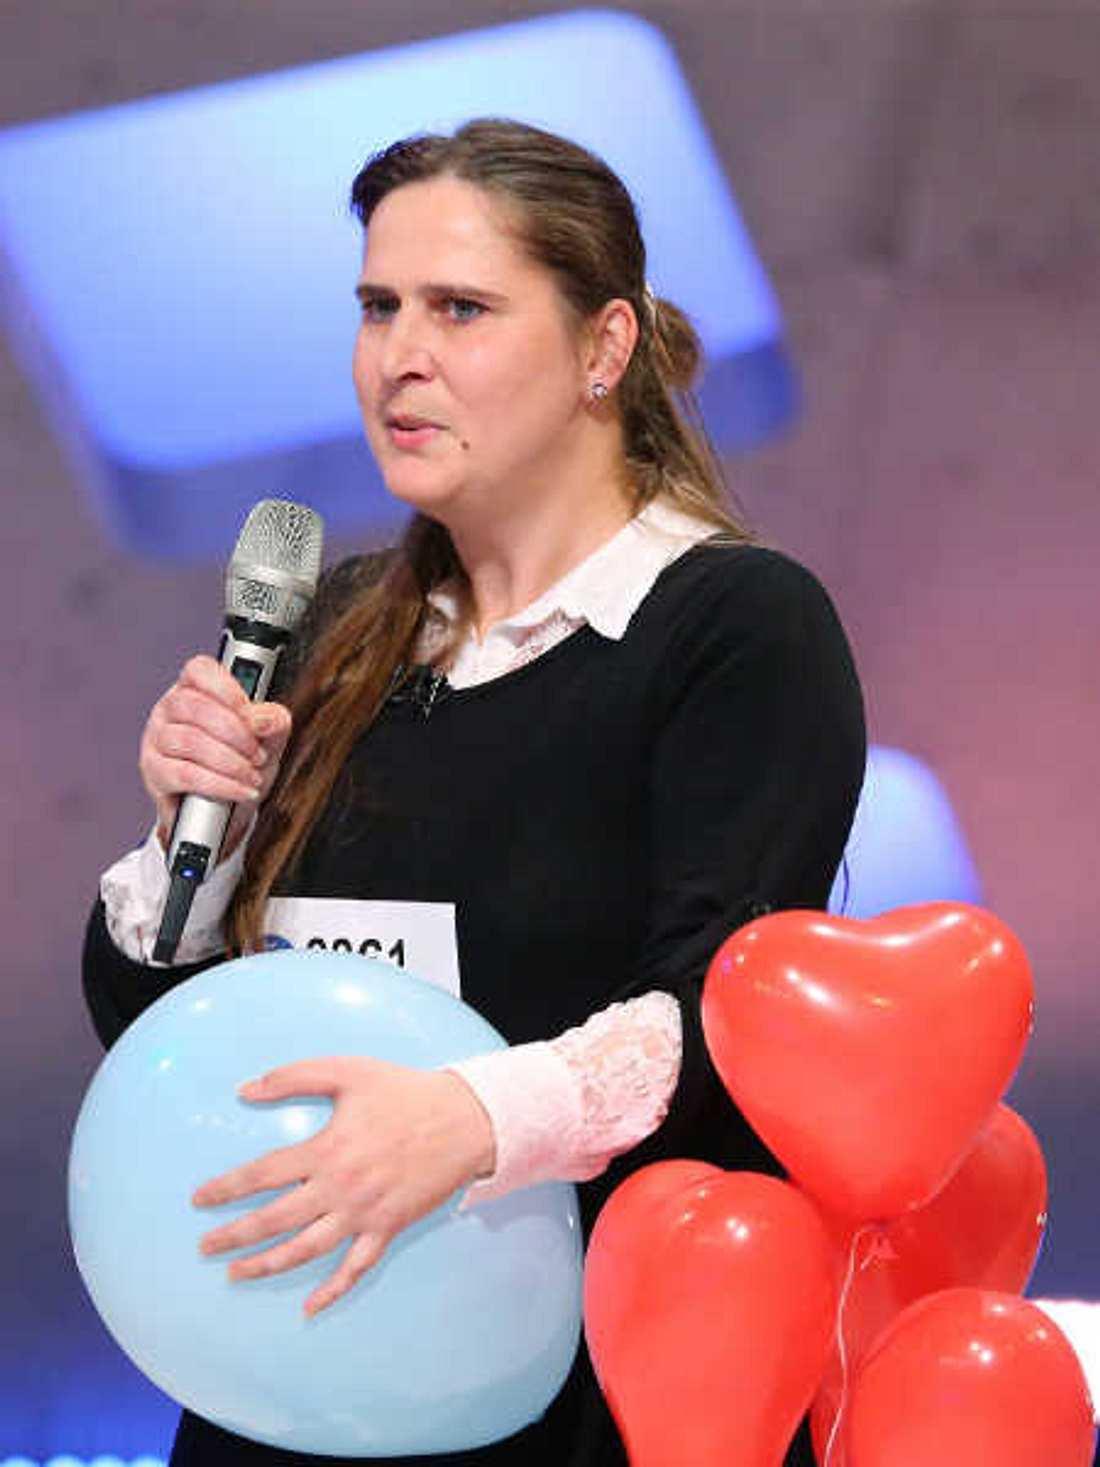 DSDS-Kandidatin Silke Krause liebt Luftballons.